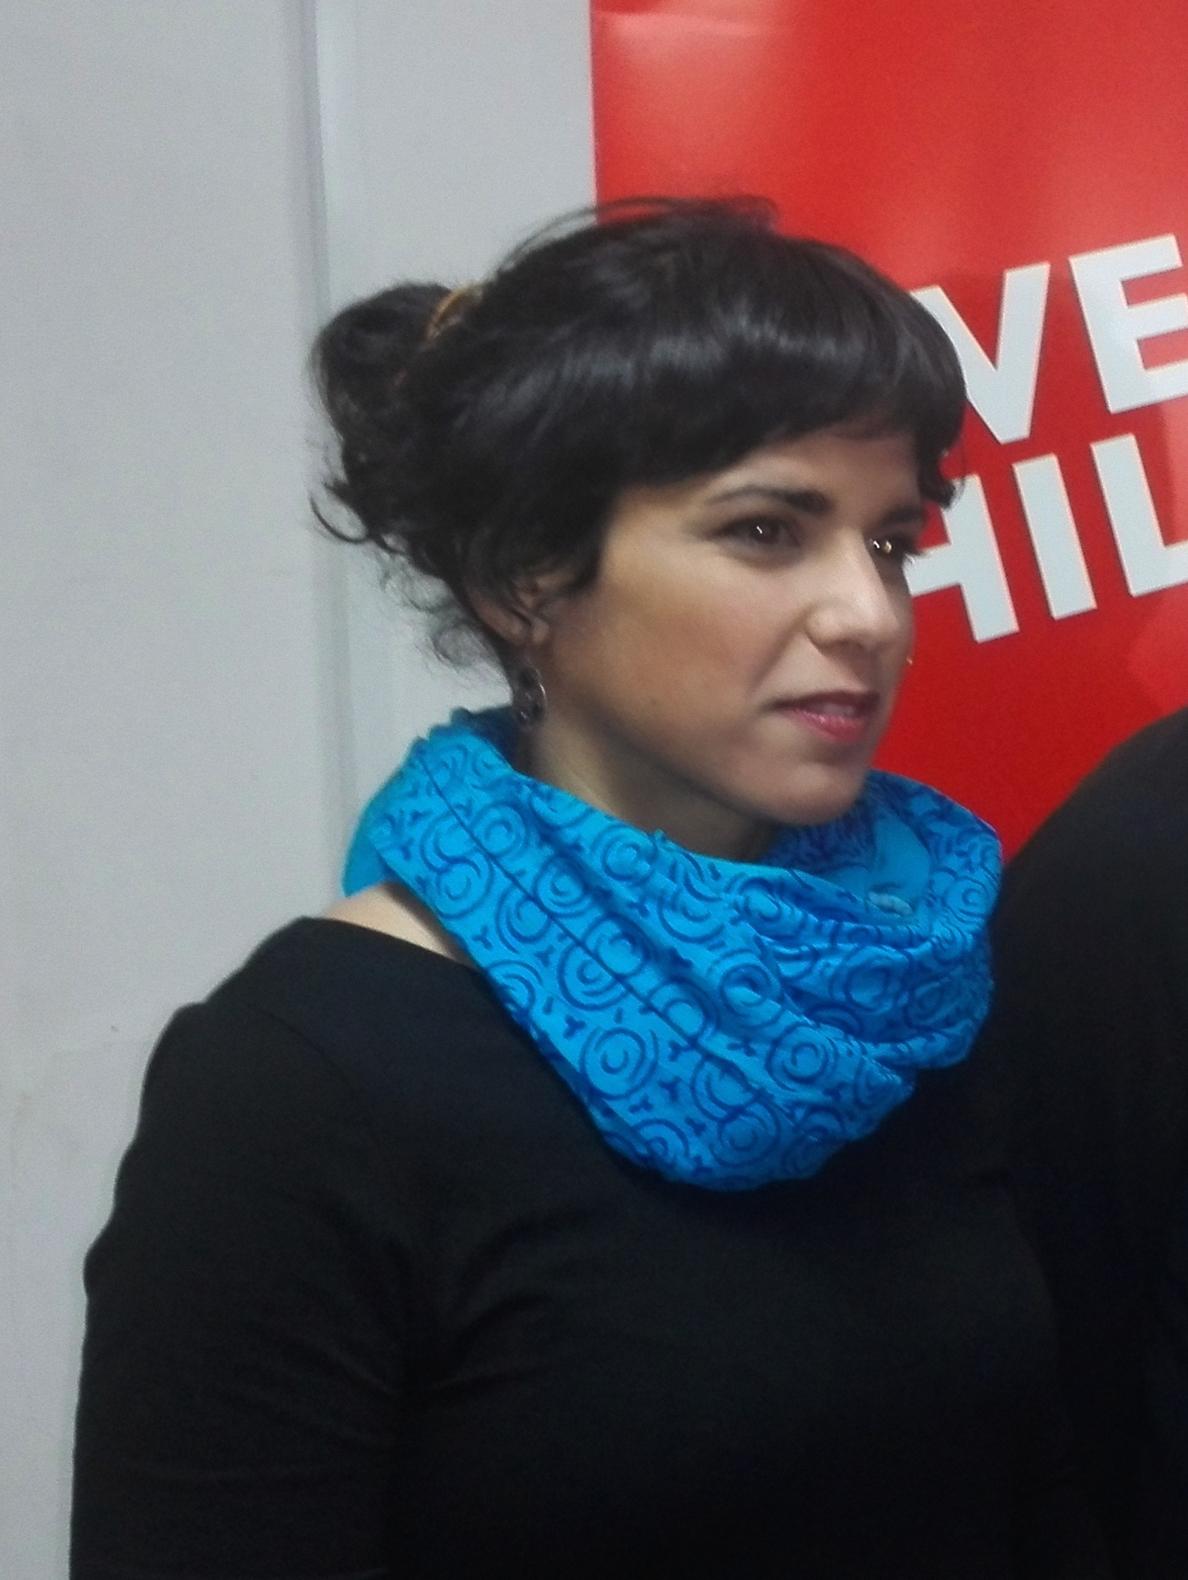 Rodríguez presenta una queja contra TVE por una supuesta foto suya desnuda